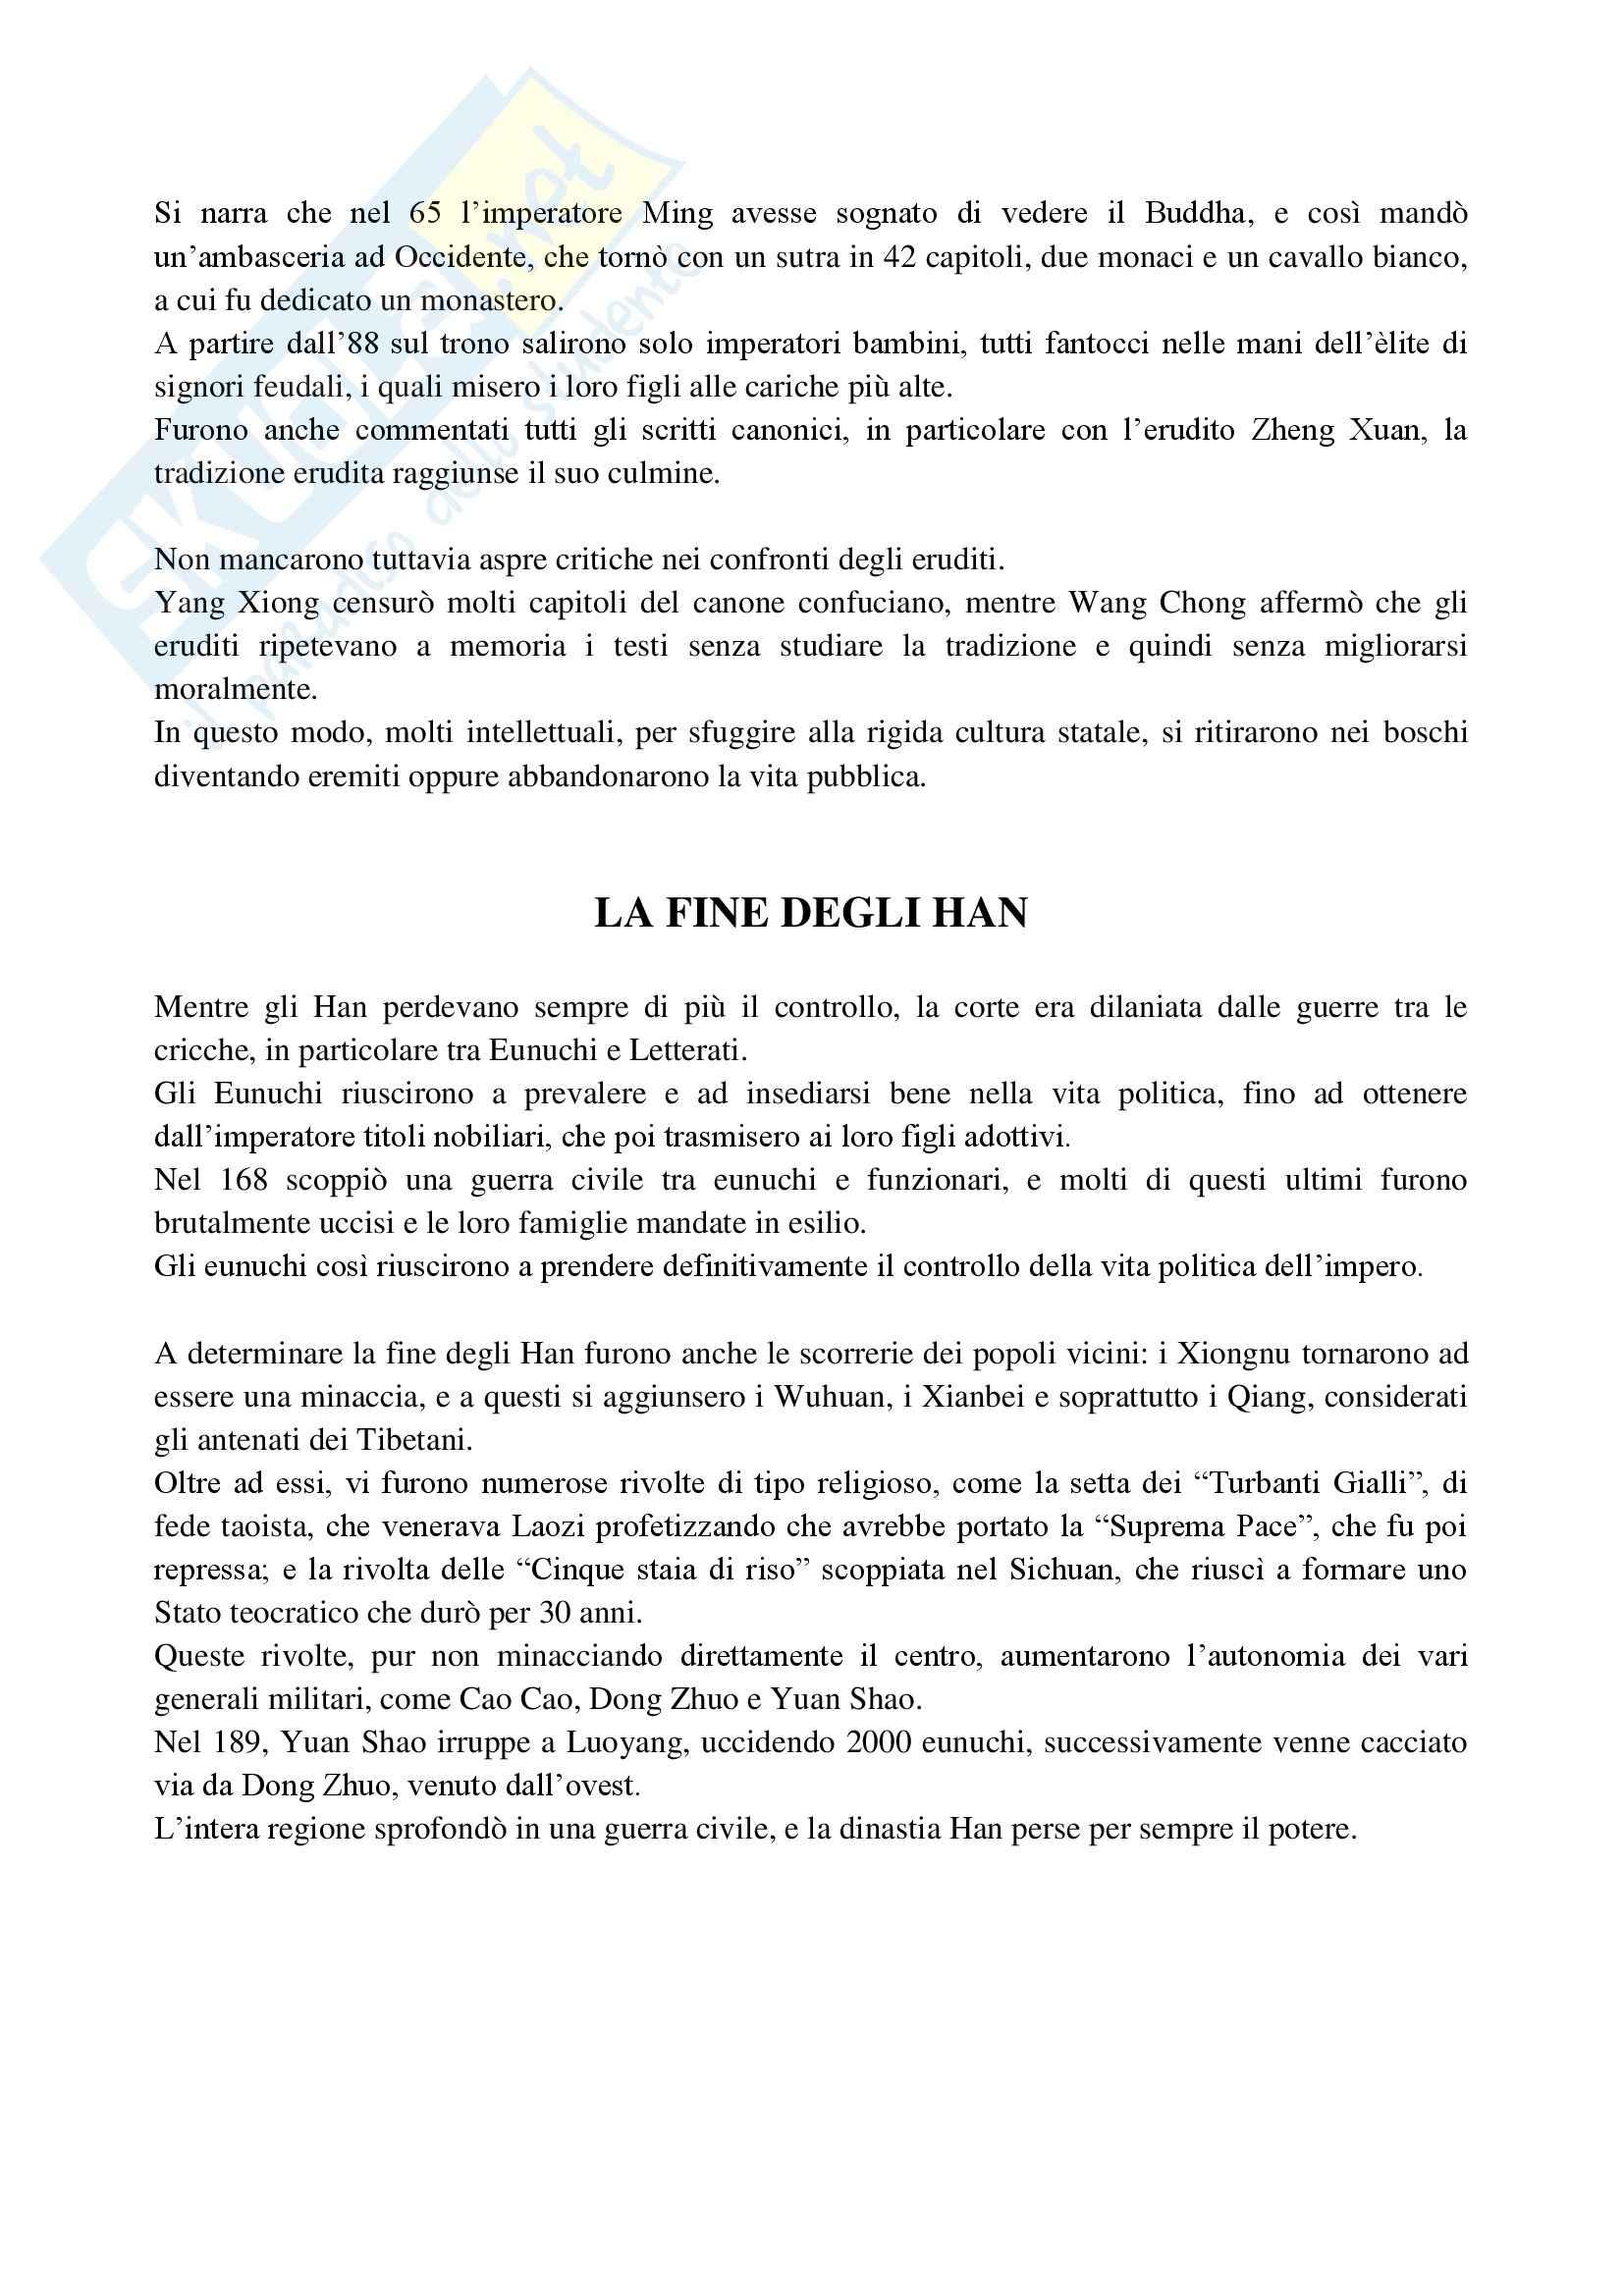 Riassunto esame Storia della Cina, prof. Guida, libro consigliato Cina, una storia millenaria, Vogelsang Pag. 31